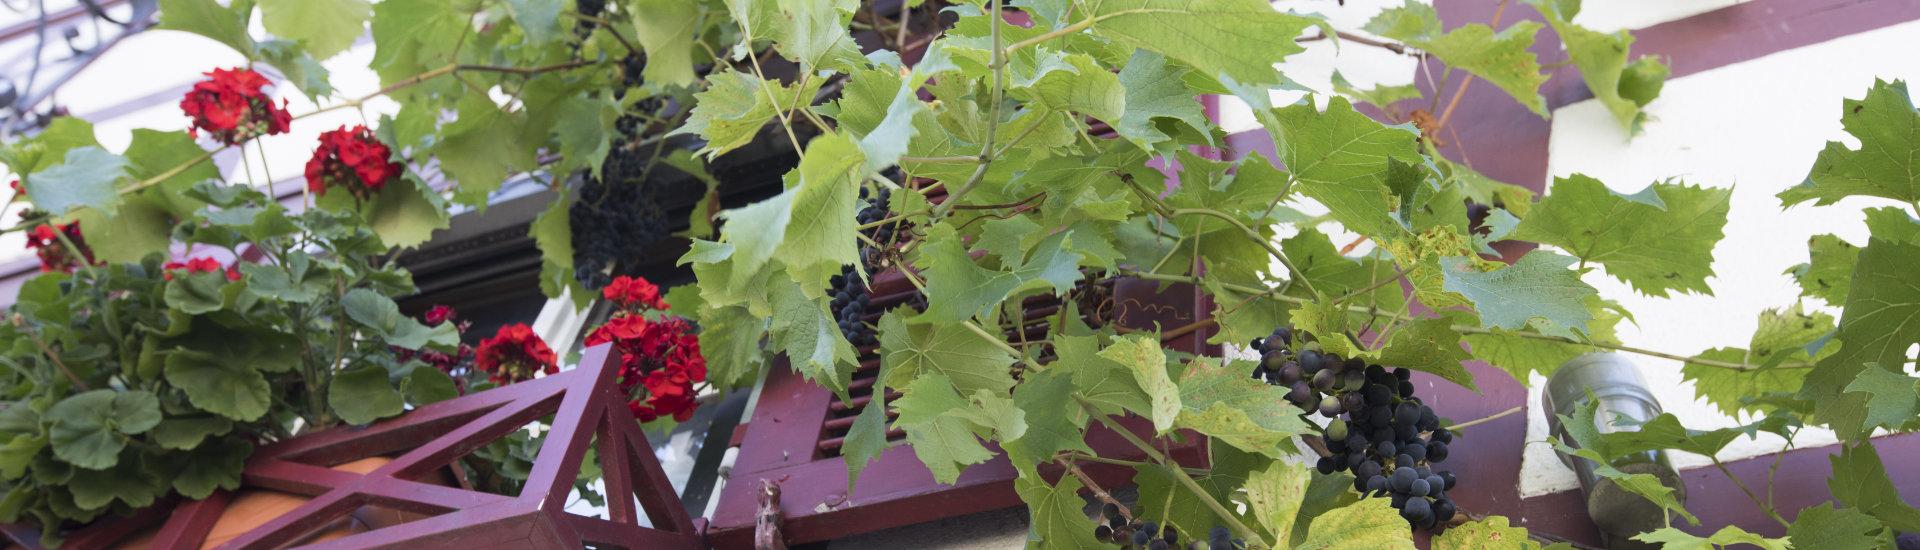 Foto: Nahaufnahme eines Laufer Hauses mit Weinranken